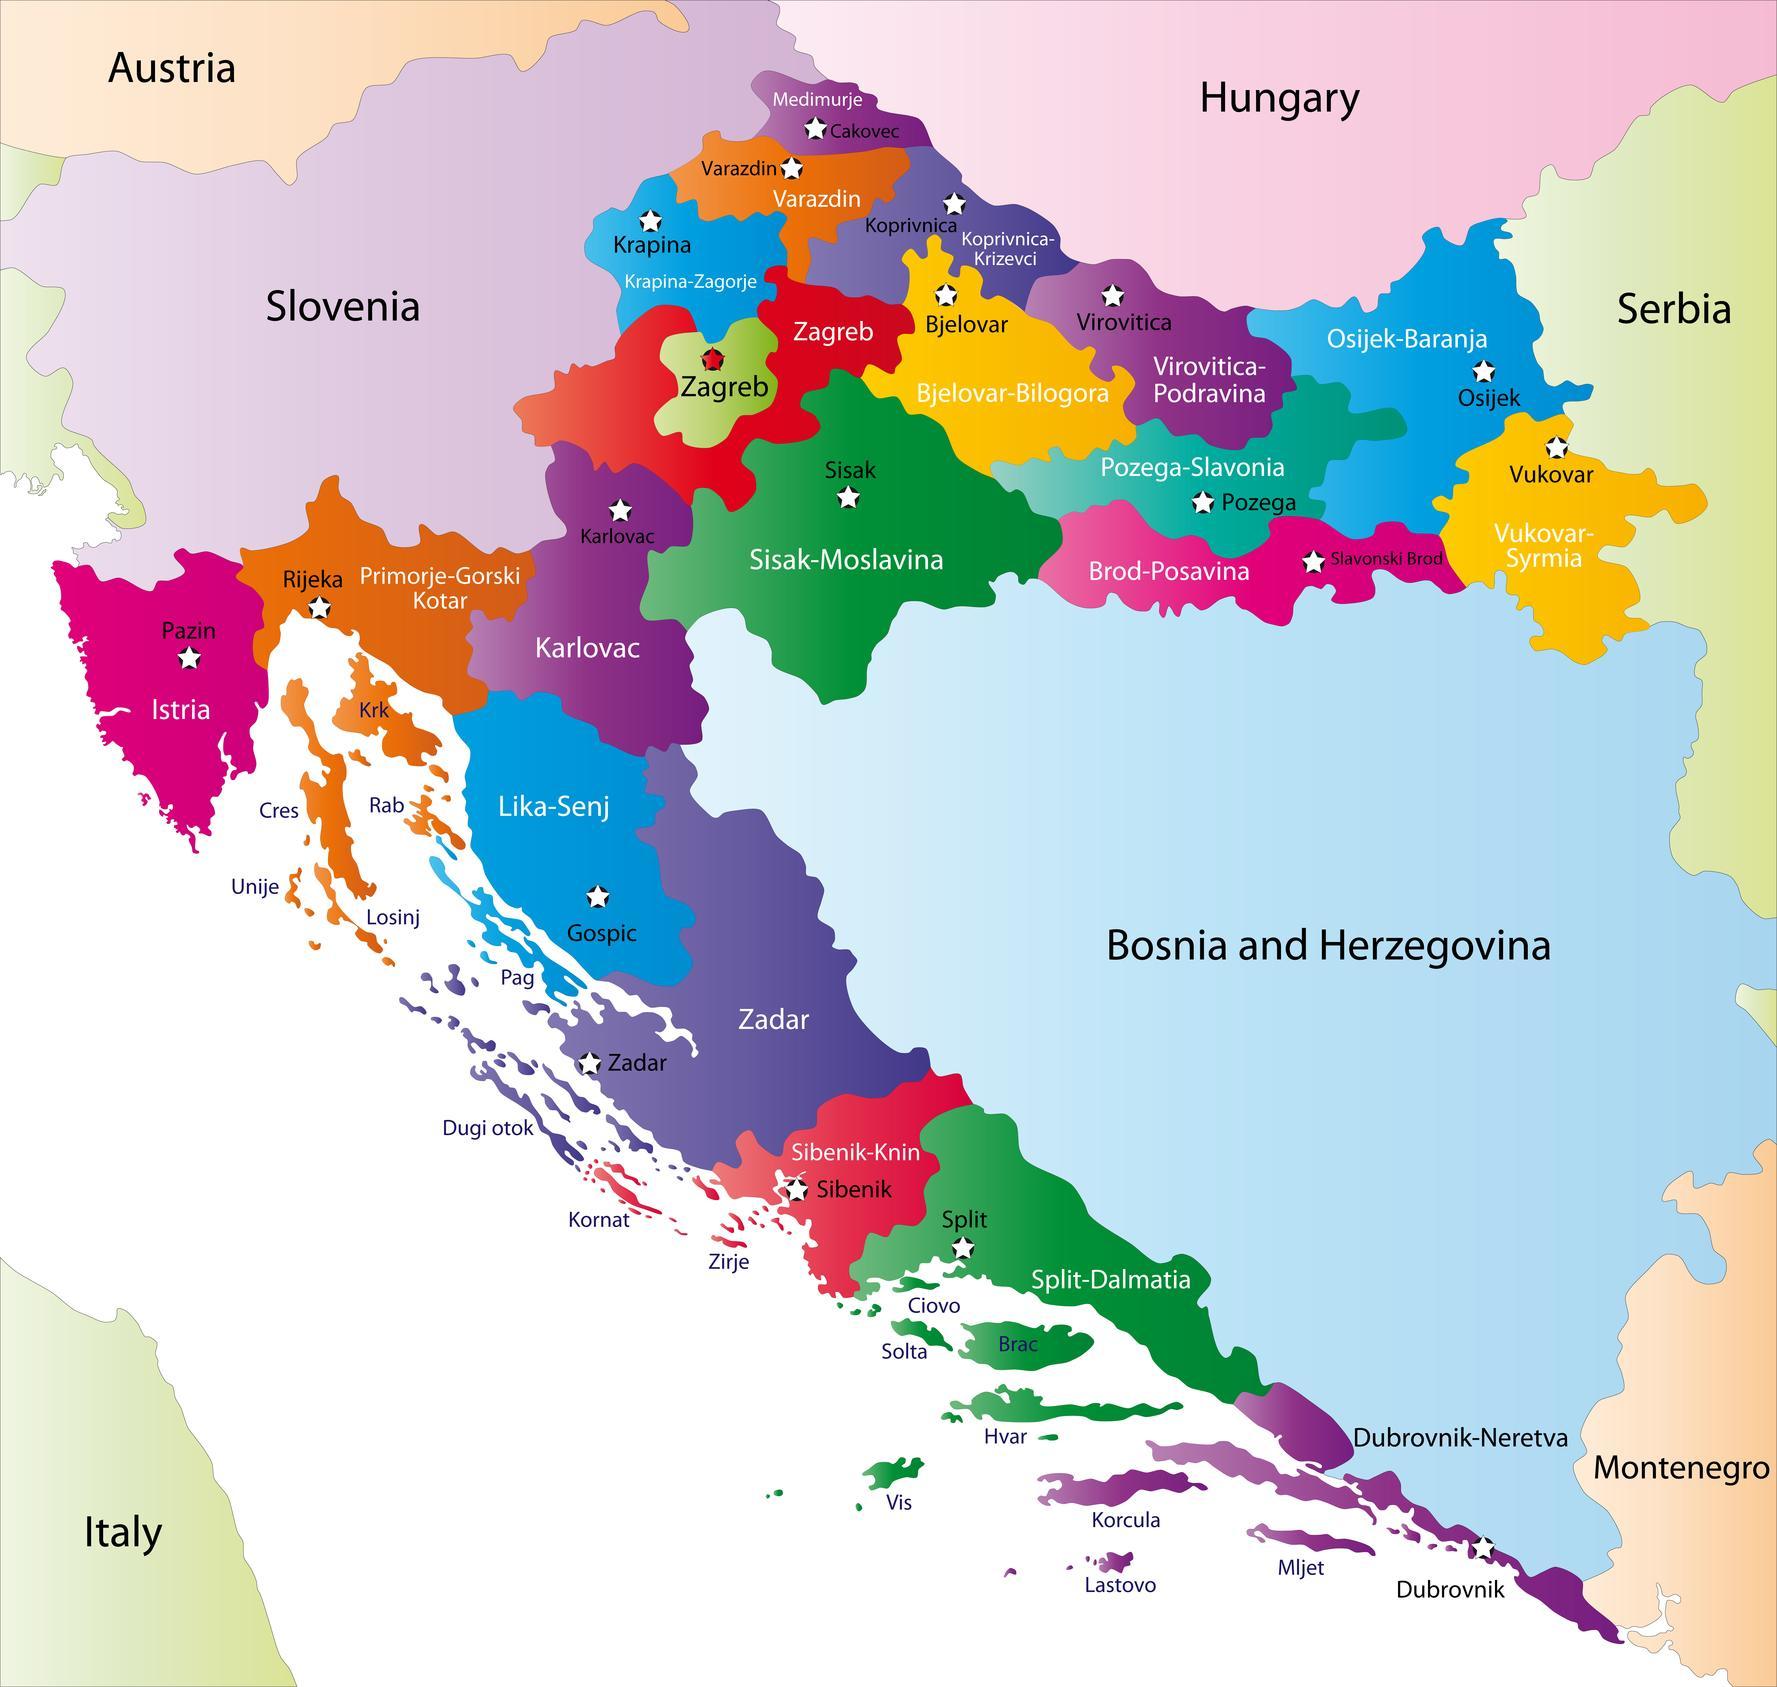 Cartina Della Slovenia E Croazia.Mappe Della Croazia Trasporti Geografia E Mappe Turistiche Della Croazia Nell Europa Meridionale